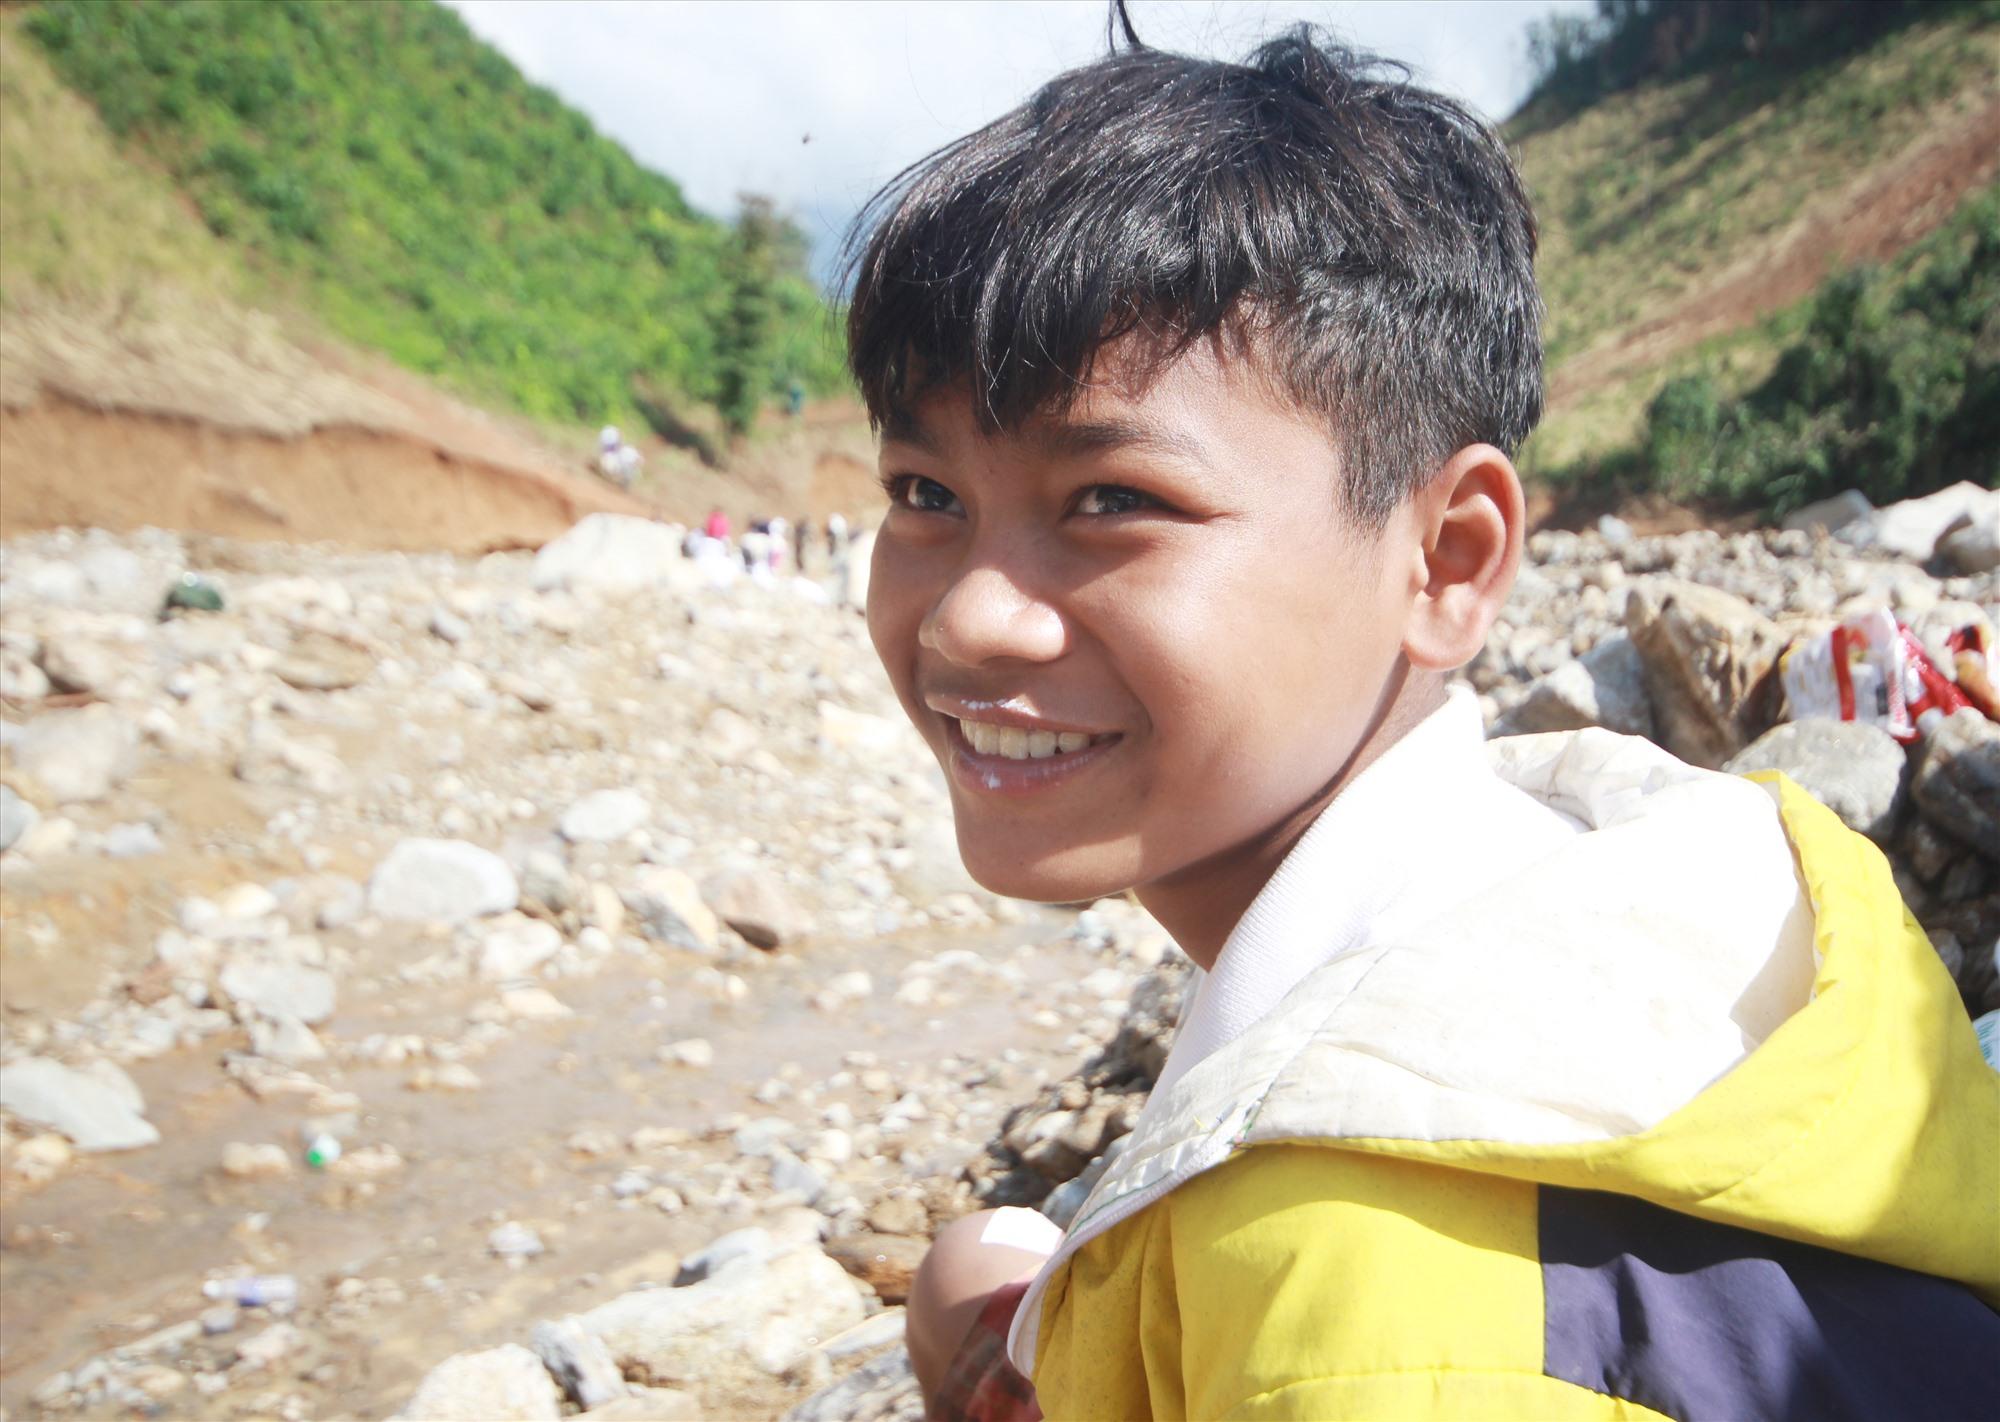 Nụ cười của Hồ Đình Nghĩa, cậu bé 14 tuổi tham gia đoàn gùi cõng. Ảnh: T.C